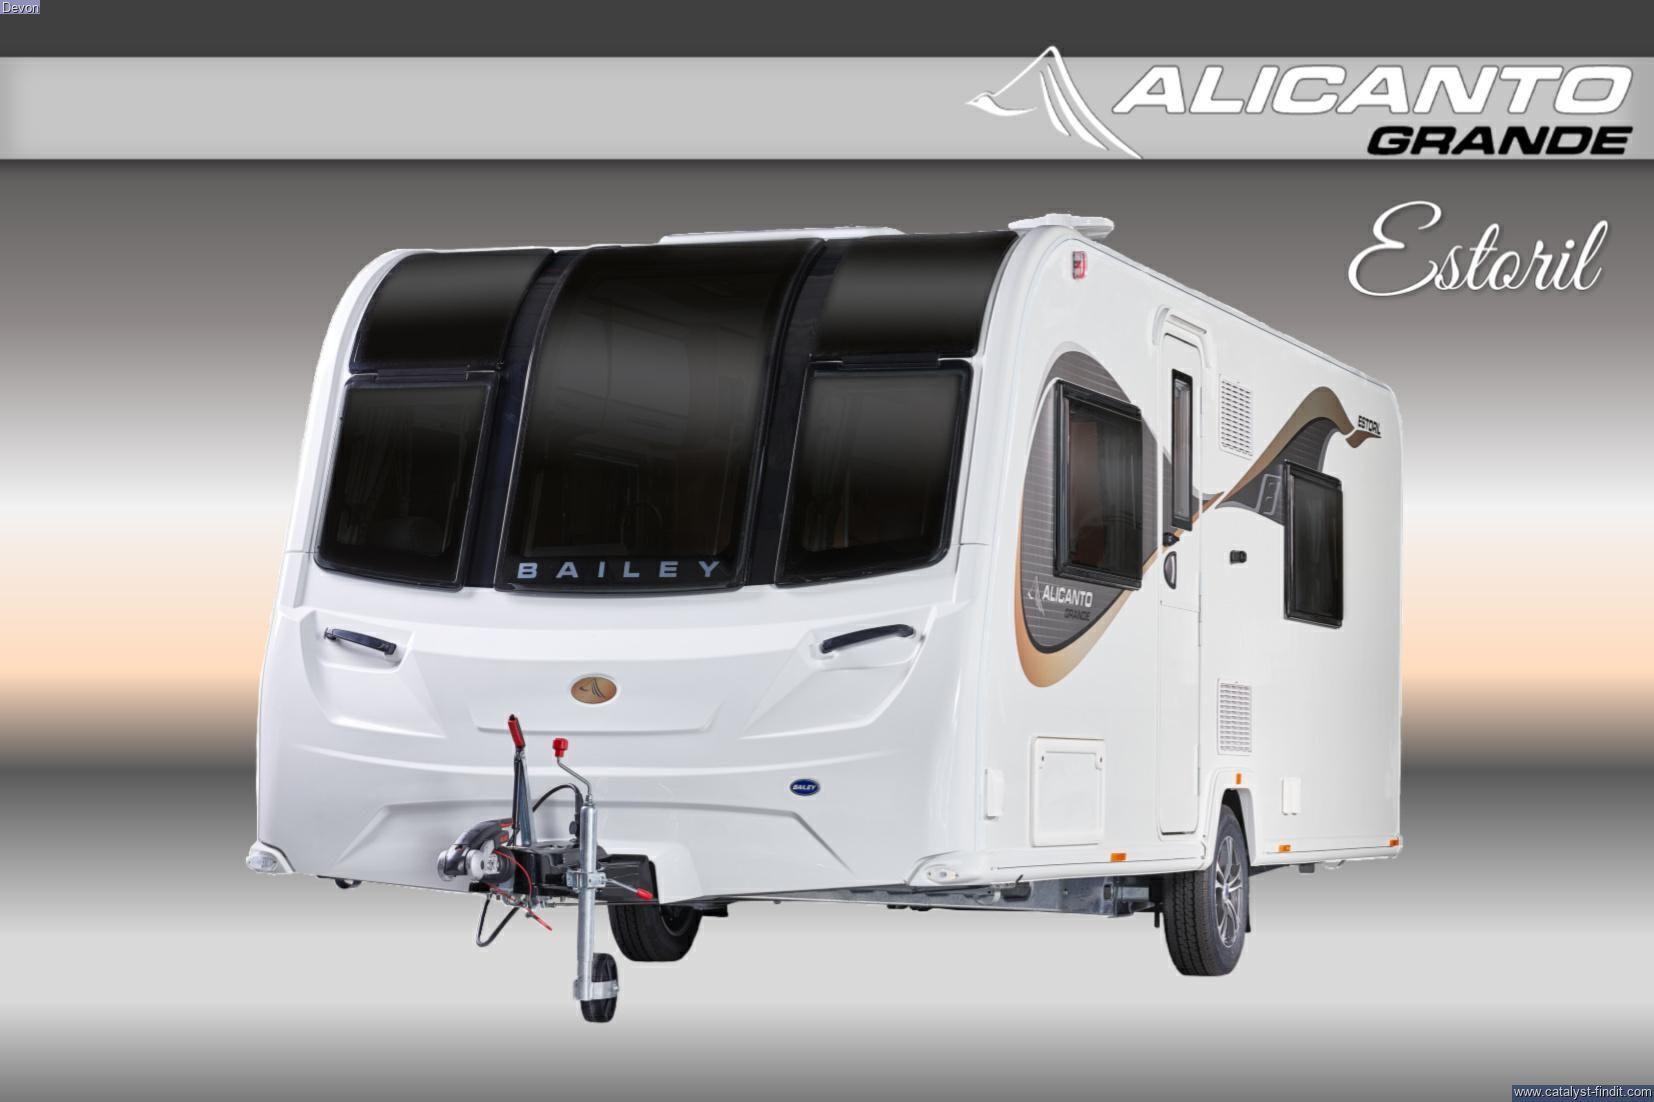 Bailey Alicanto Grande Estoril 2021